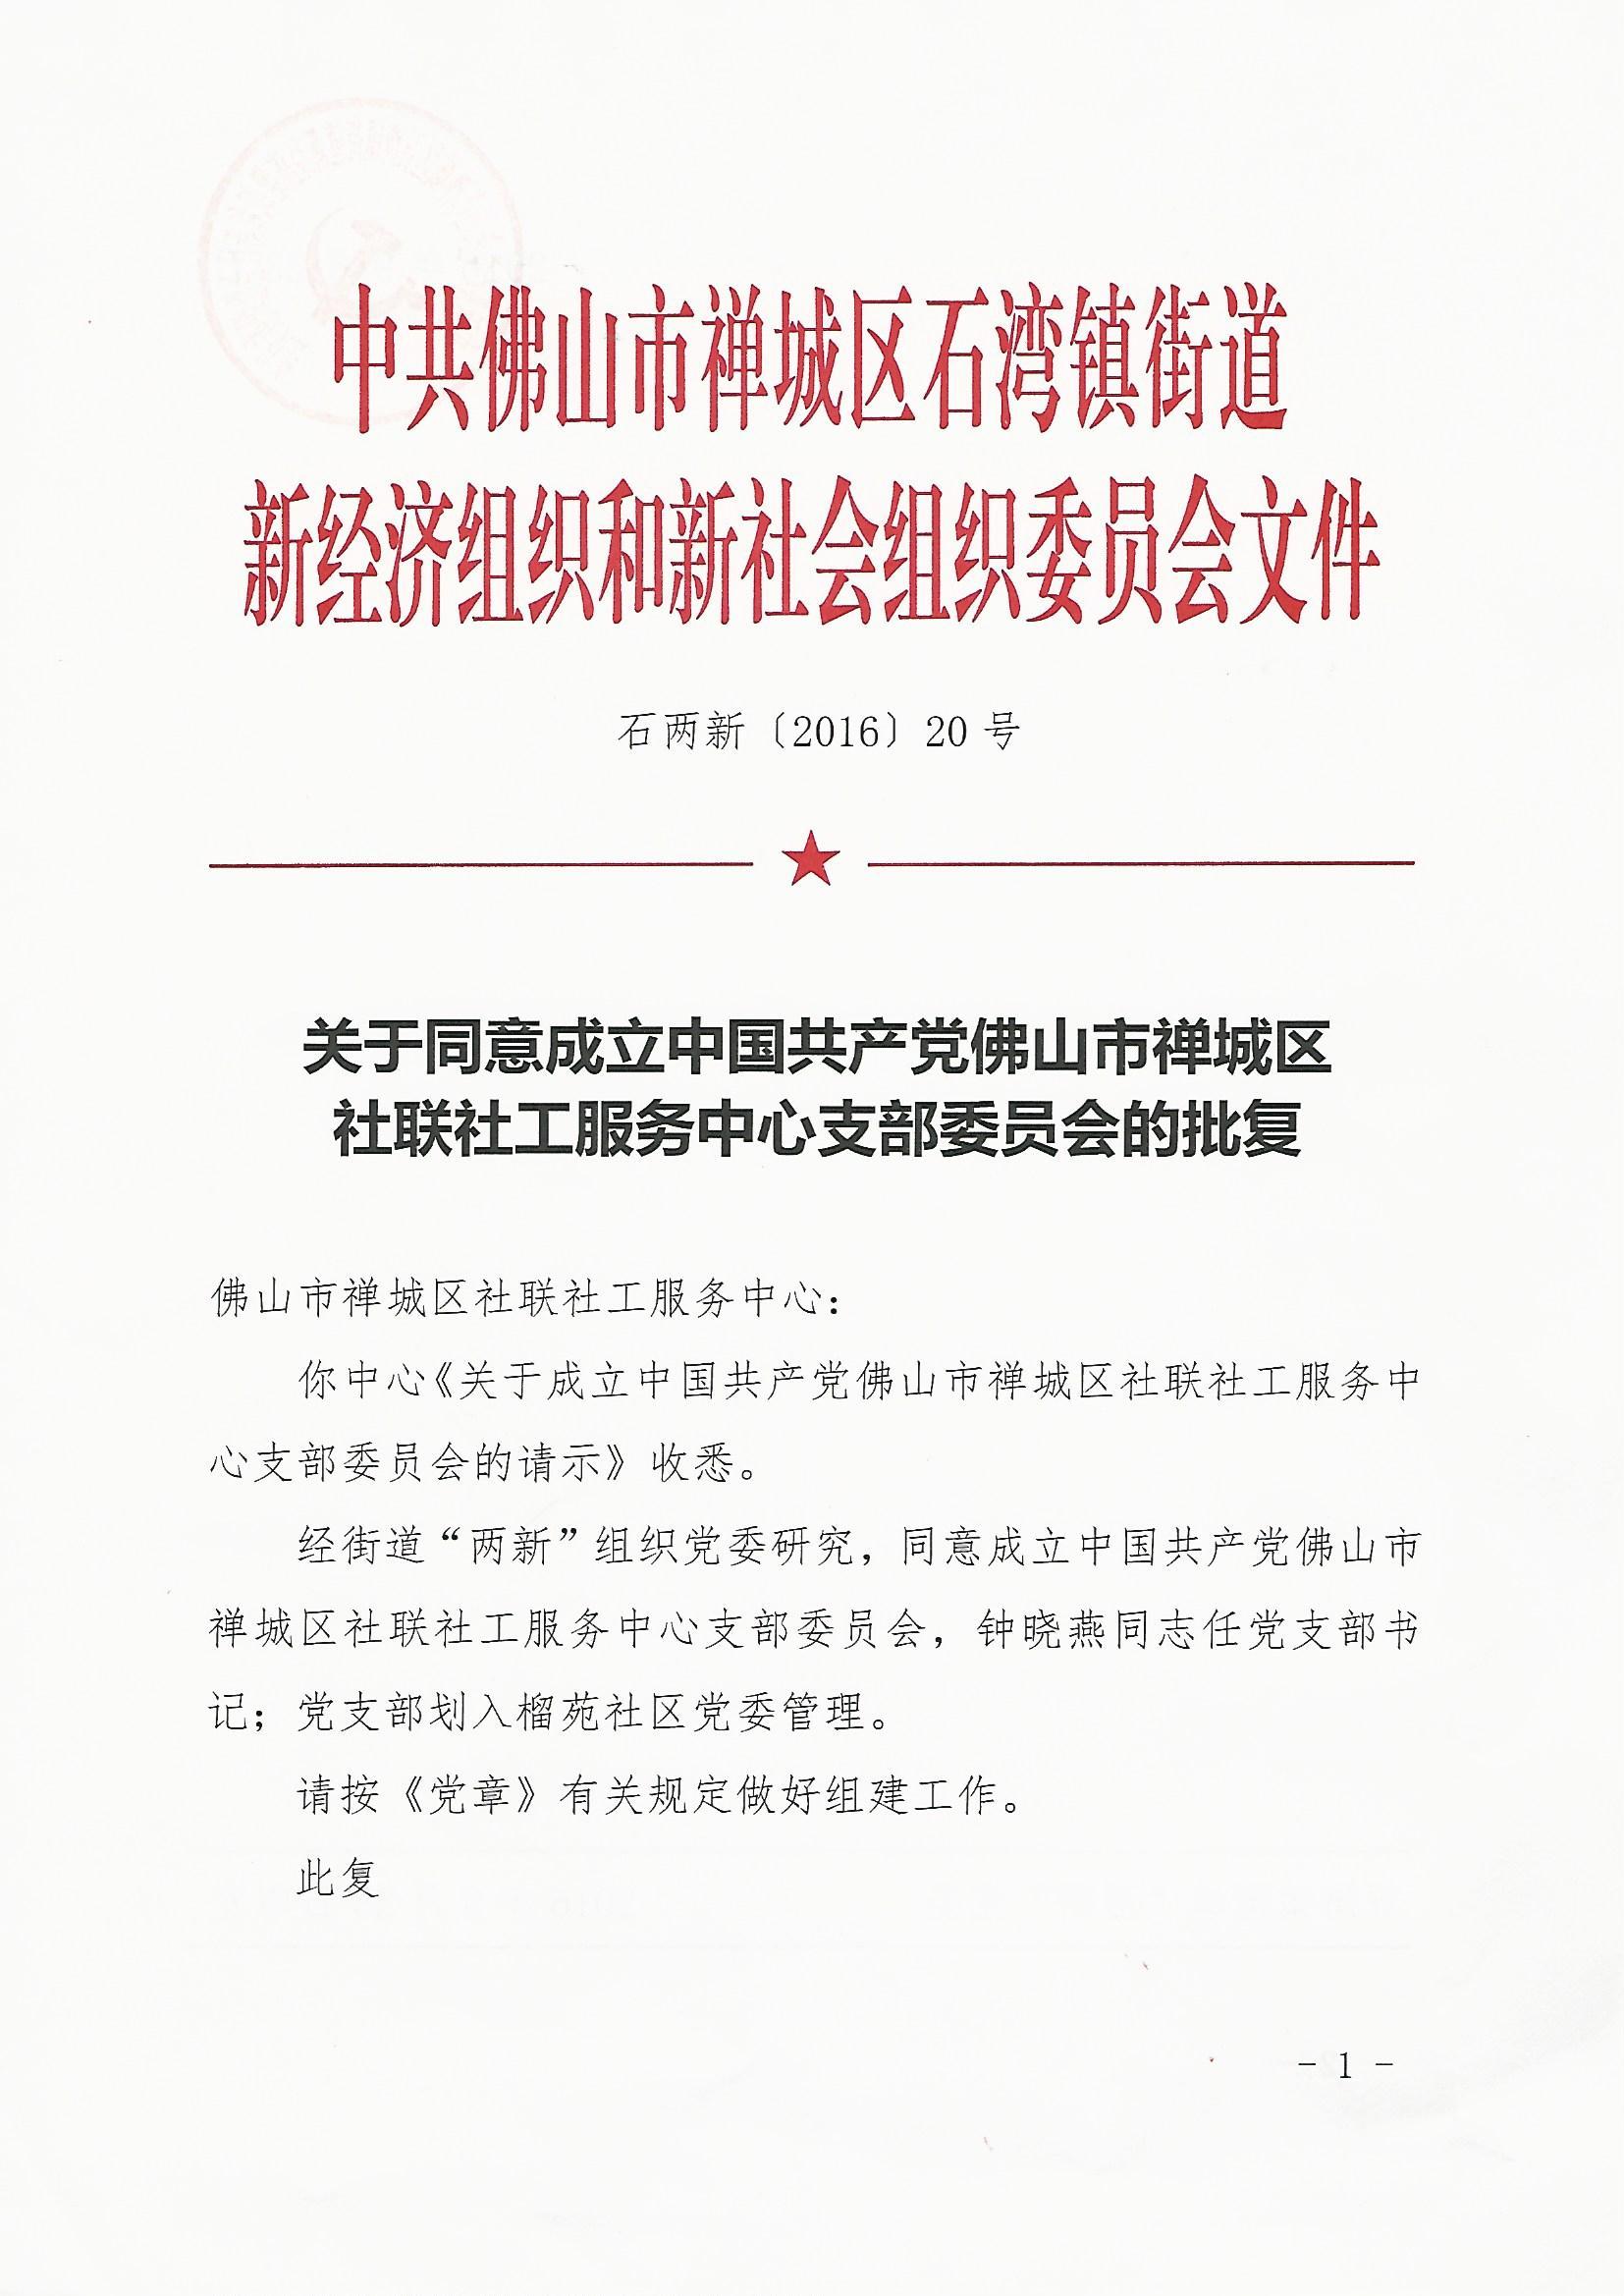 佛山市禅城区社联社工服务中心党支部正式成立